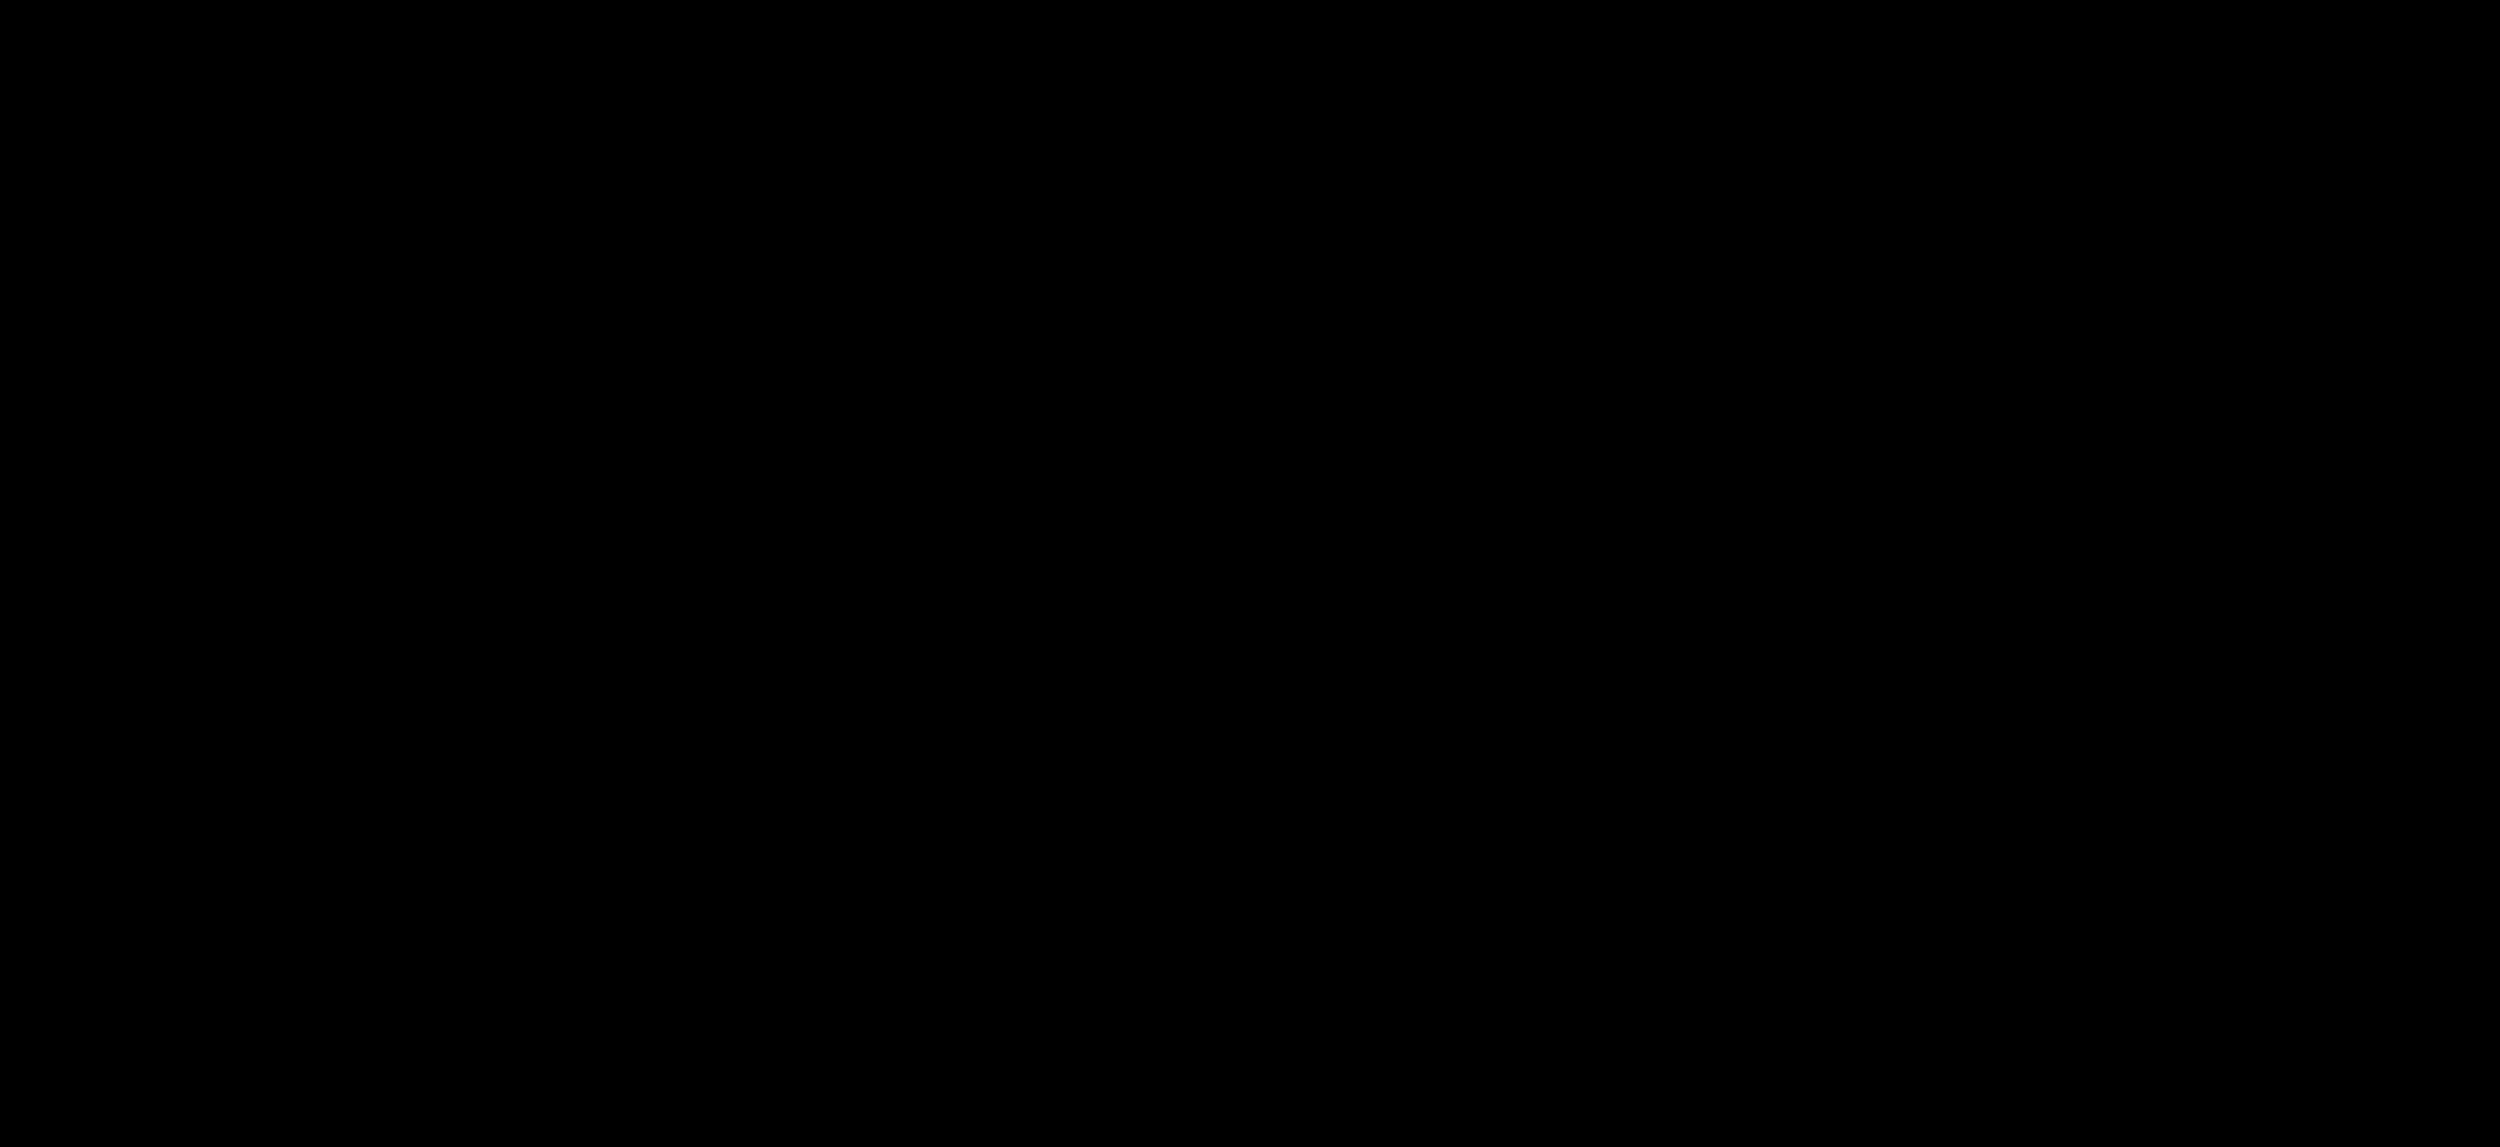 JCIGM_Logo-01.png